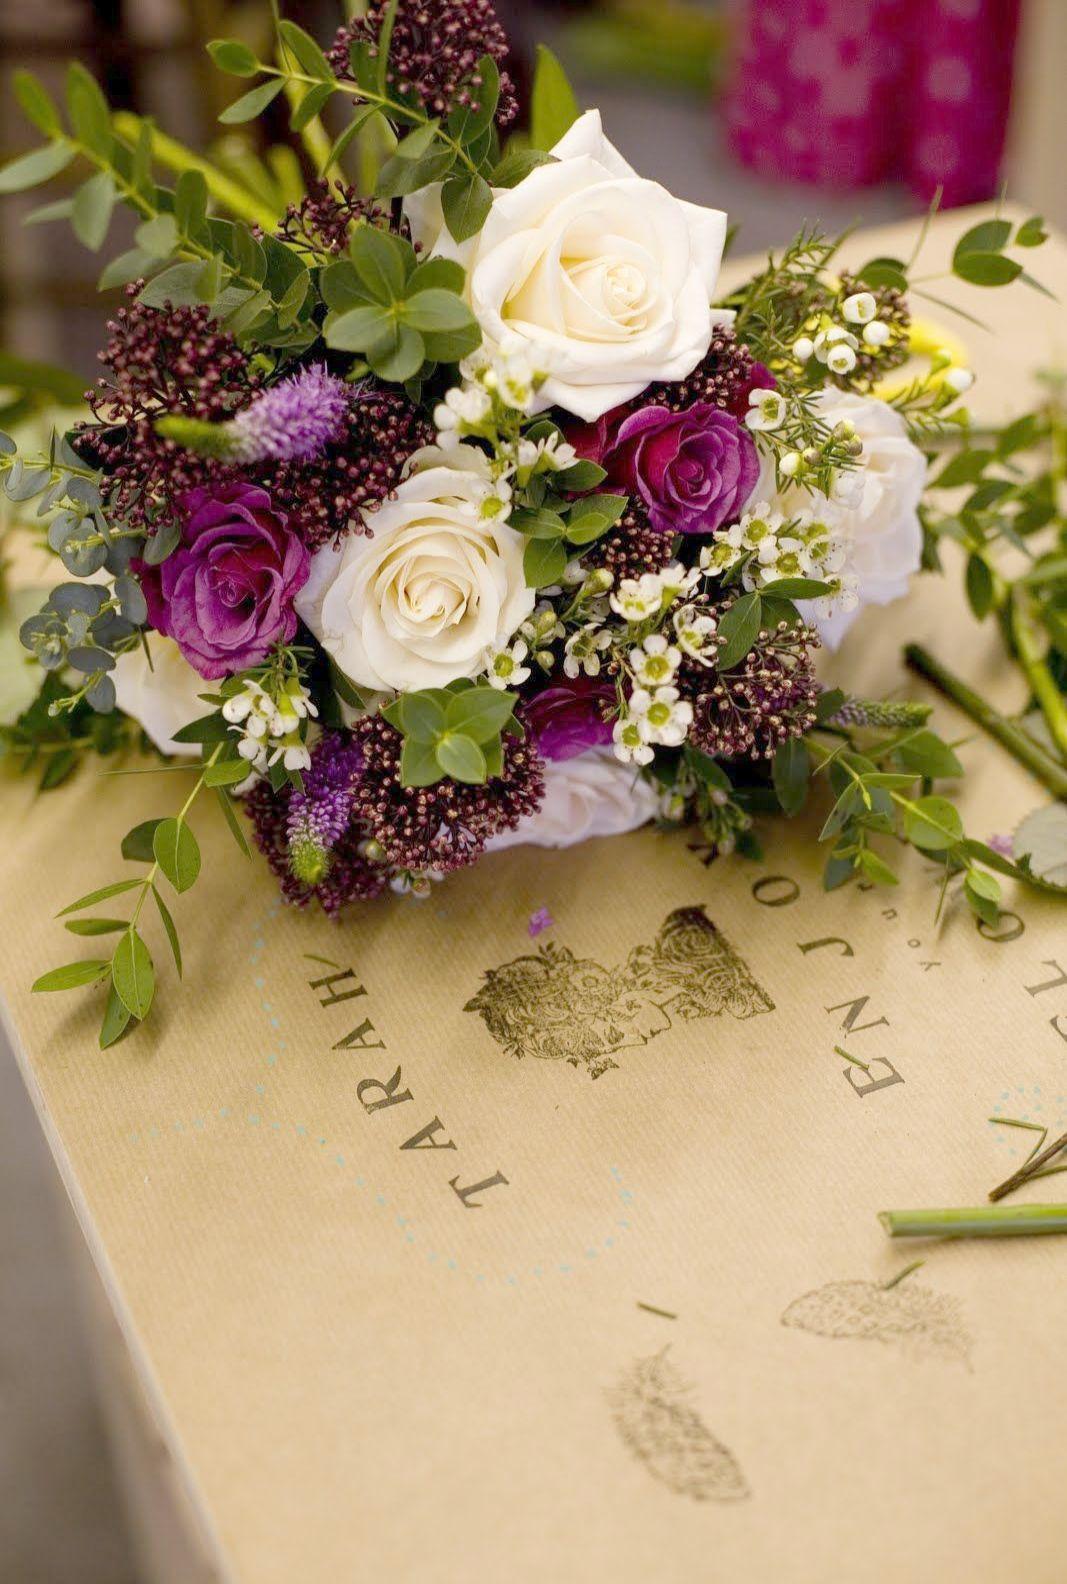 Wedding flowers rental traditional 50th wedding anniversary flowers wedding flowers rental traditional 50th wedding anniversary flowers izmirmasajfo